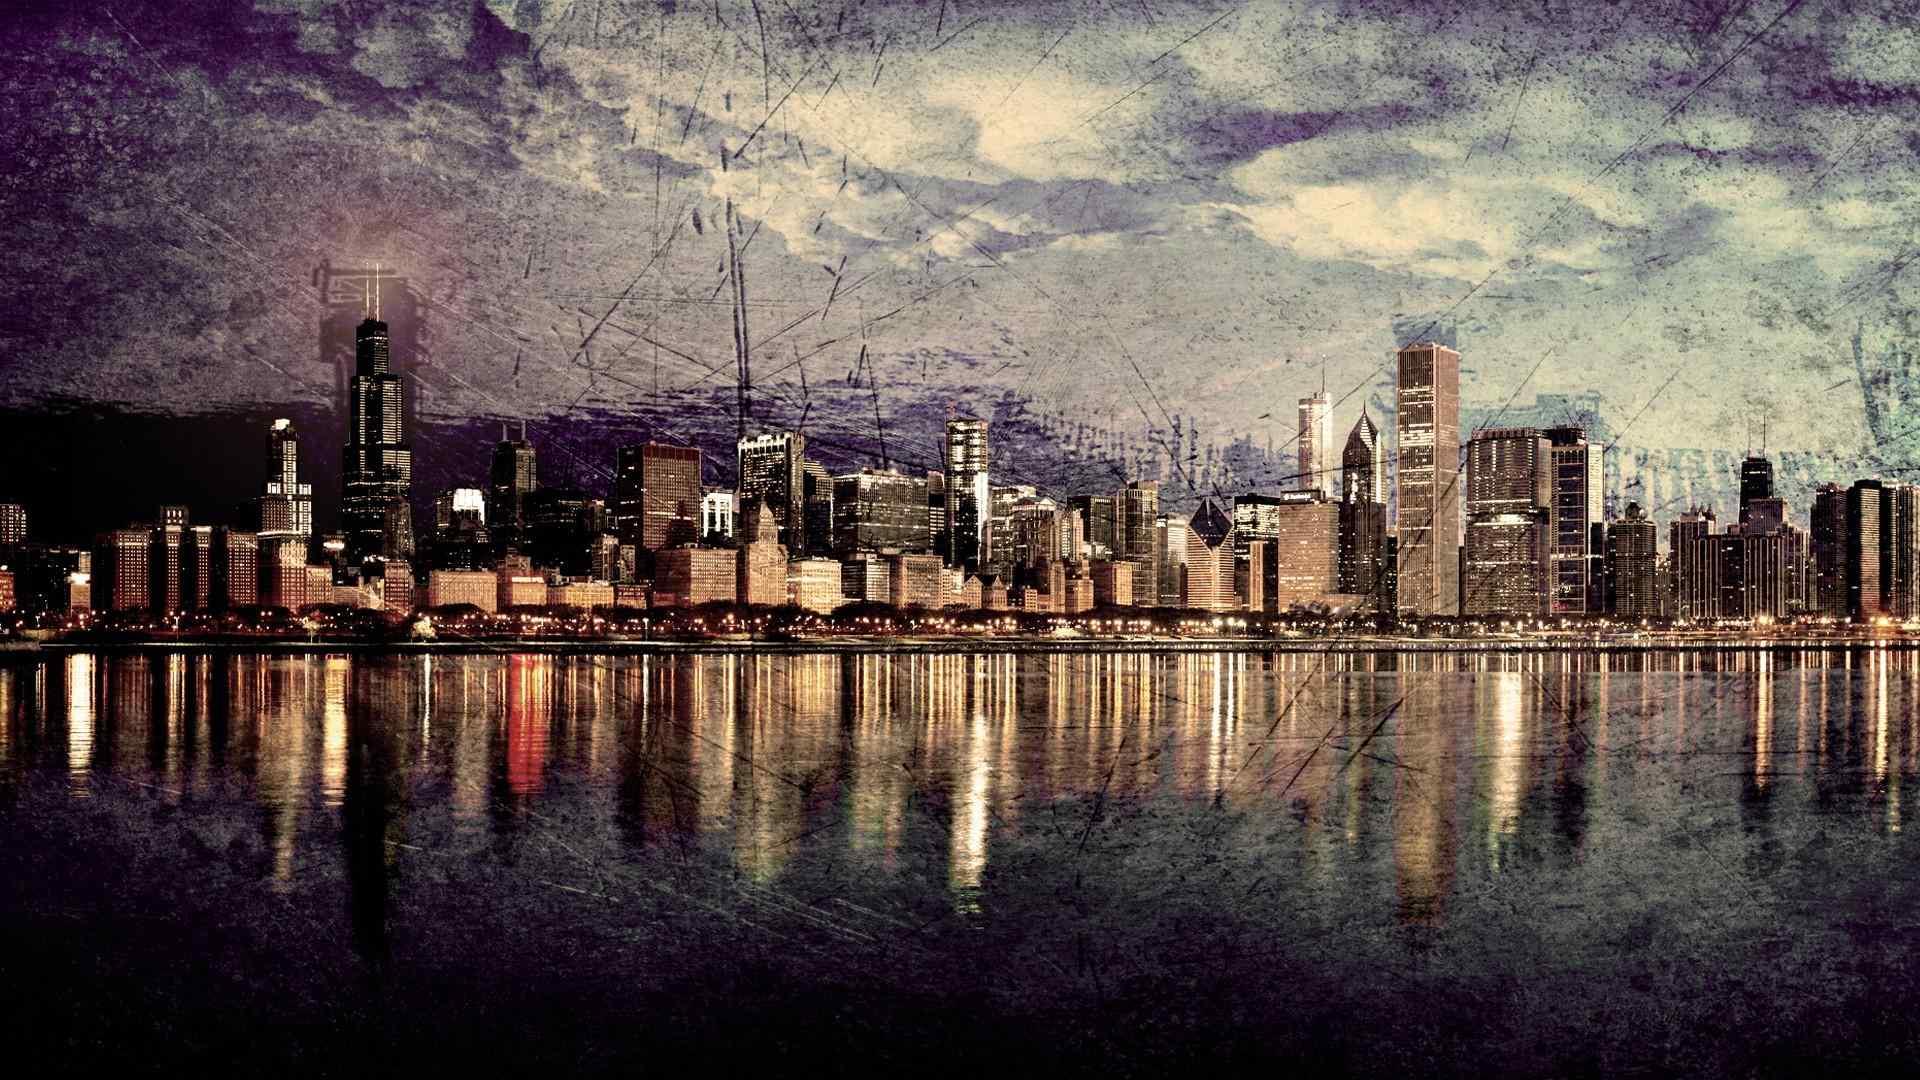 唯美芝加哥城市风景桌面壁纸